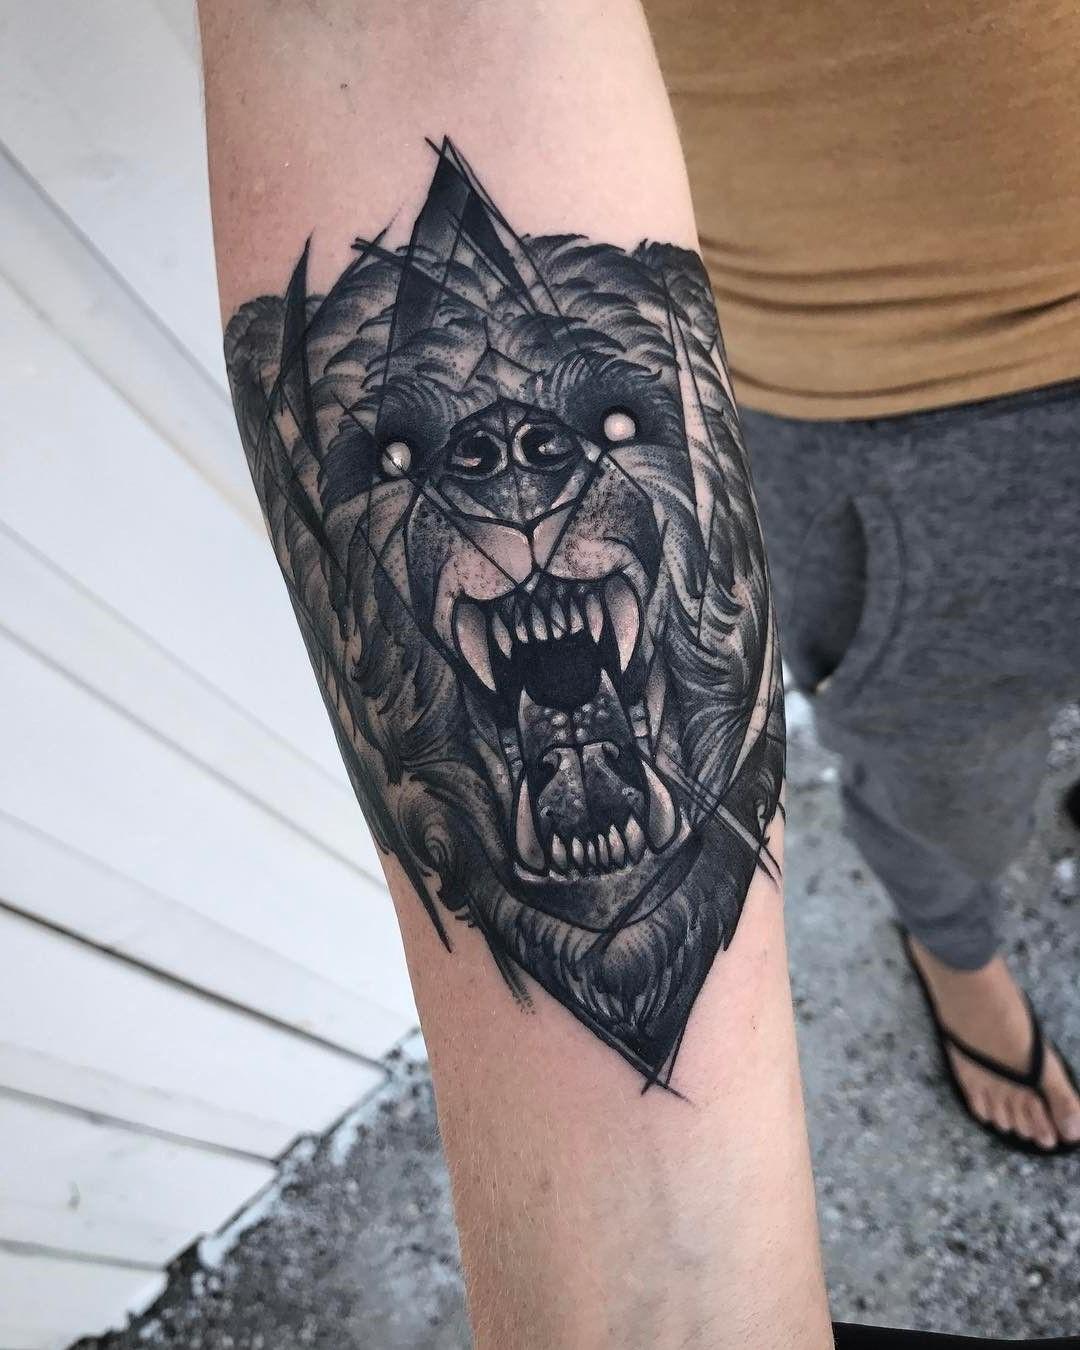 L'ours était un oracle sacré pour les Aïnous, qui sont une tribu indigène du Japon.